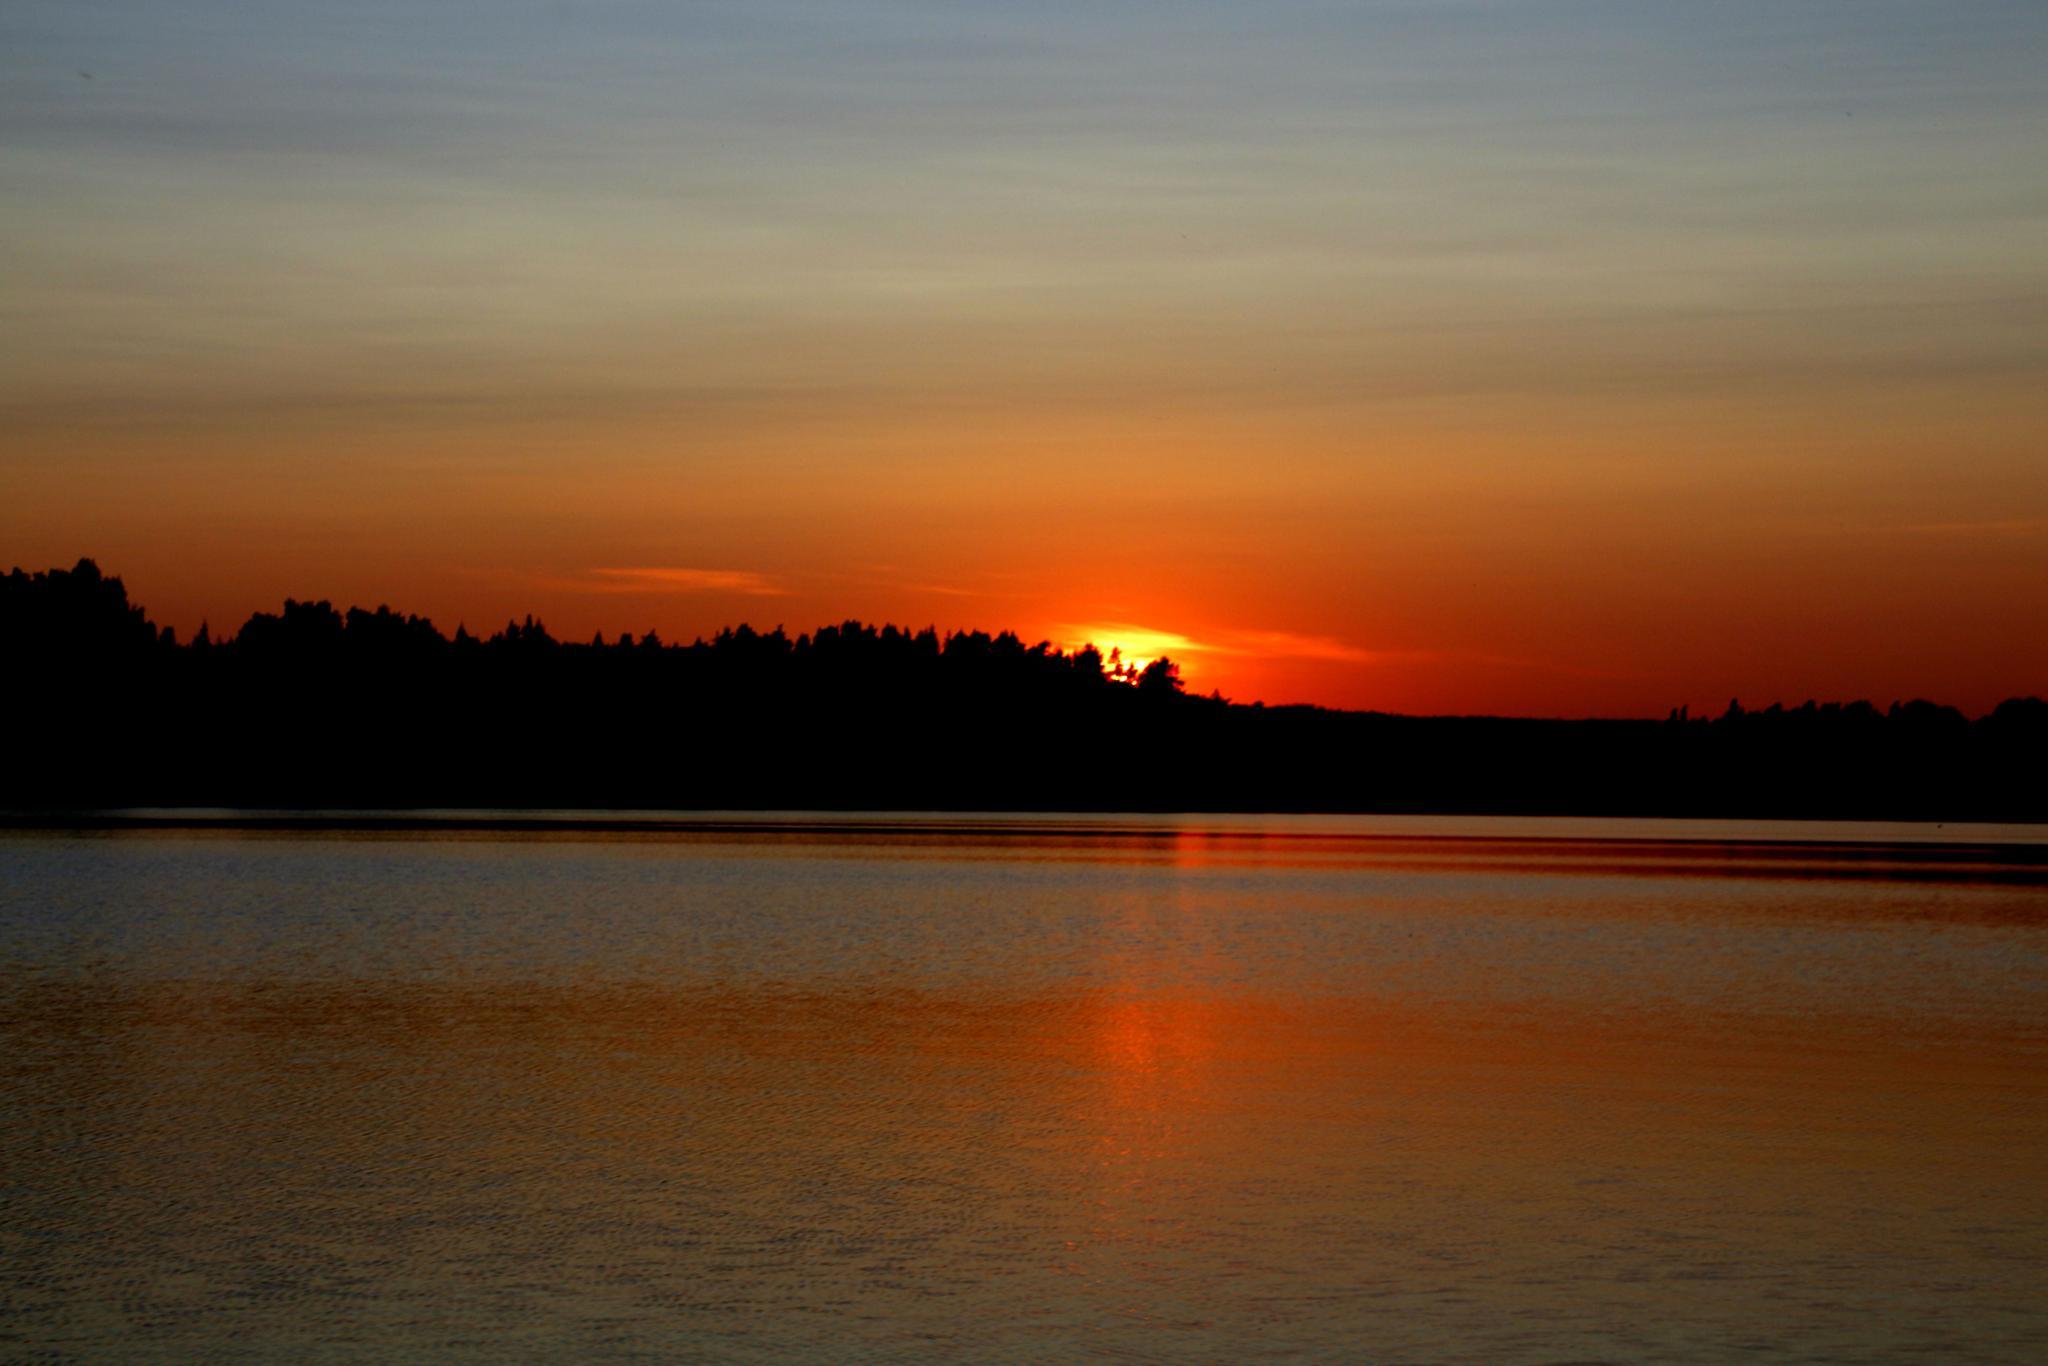 sunset 2 by inge.braberg